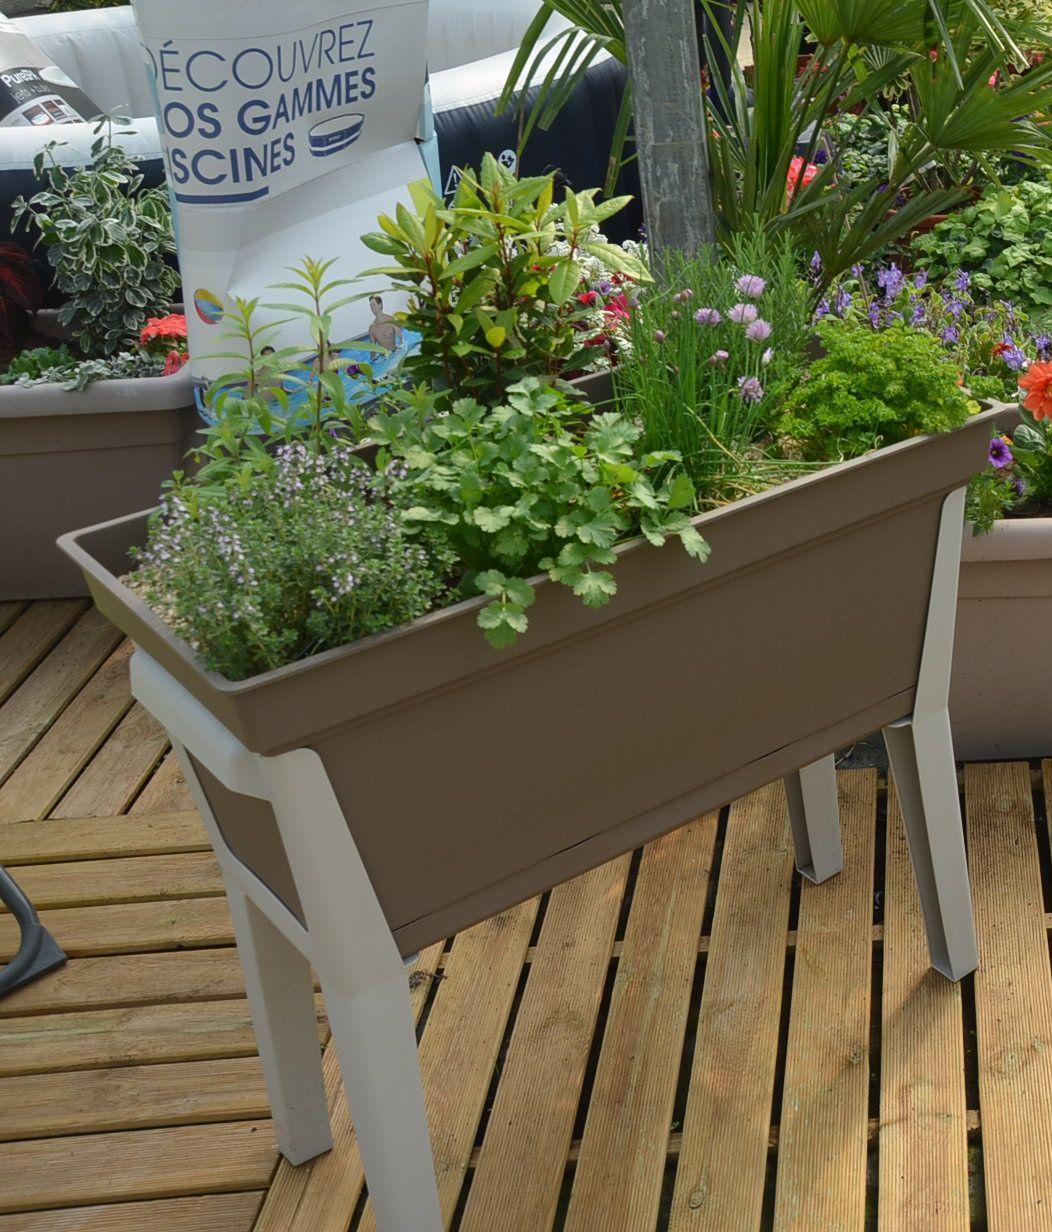 atelier cr ation d 39 une jardini re de plantes aromatiques. Black Bedroom Furniture Sets. Home Design Ideas